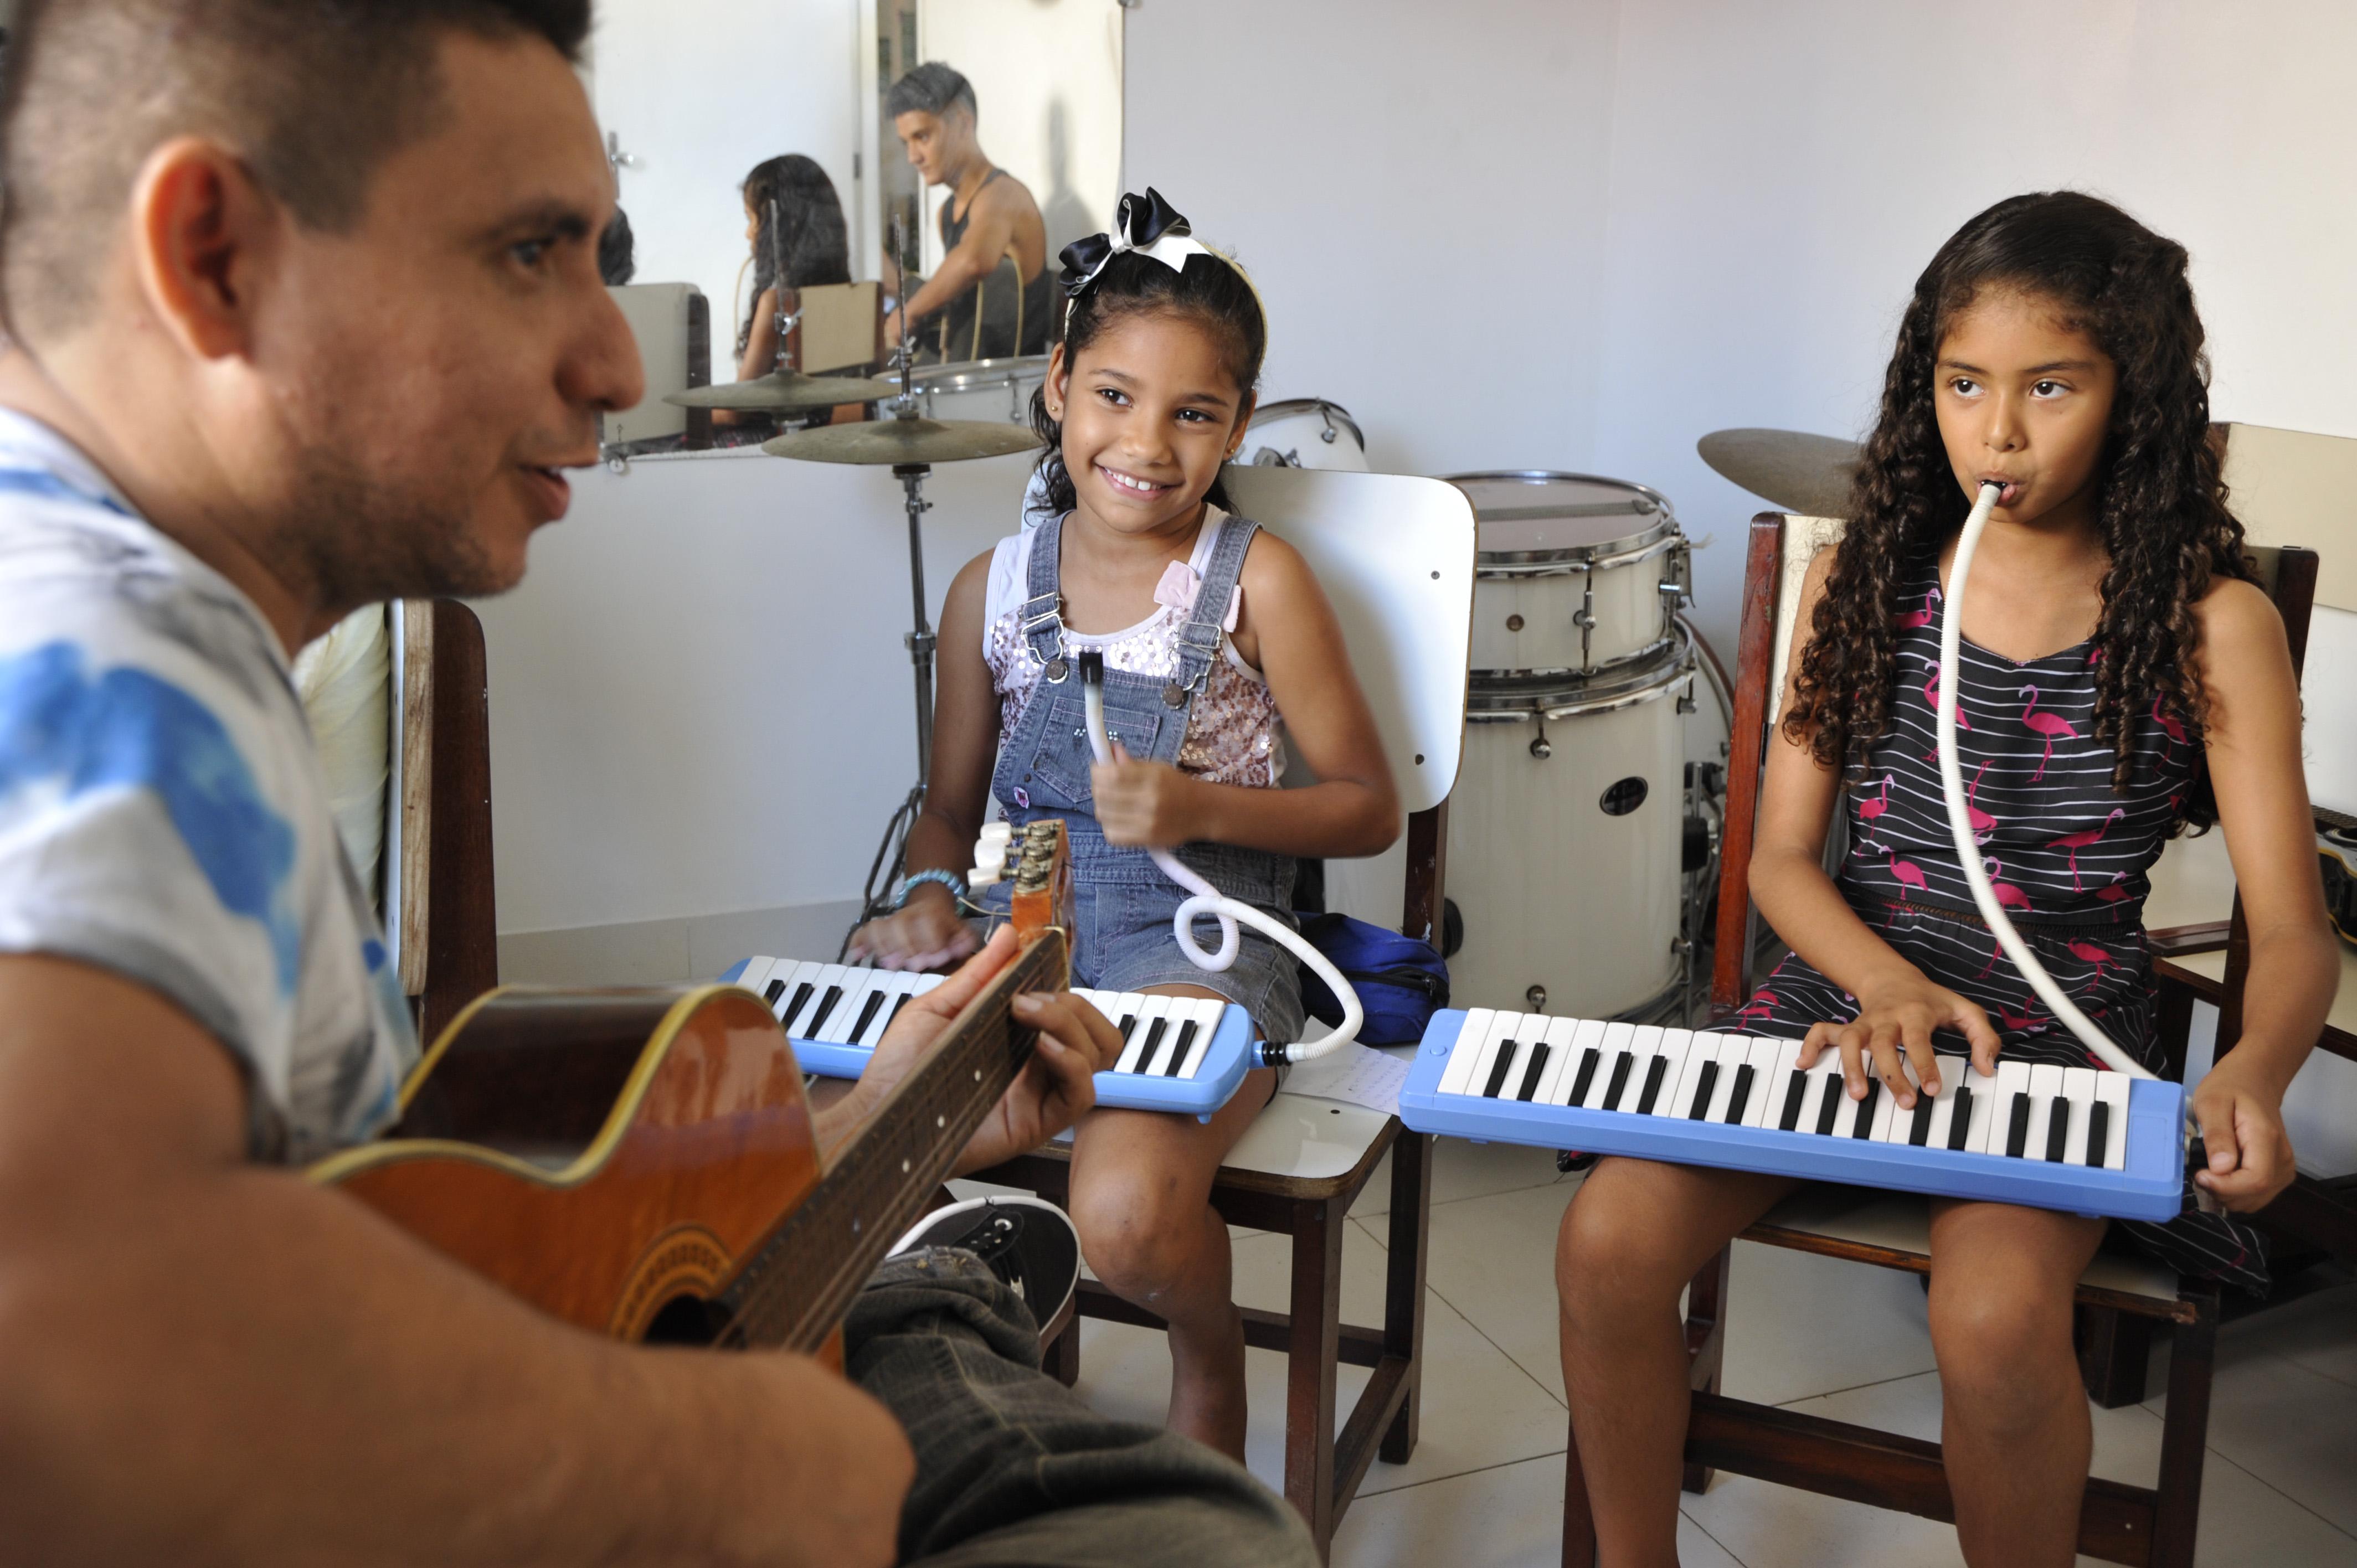 Centro Comunitário São Vicente: Espaço de desenvolvimento de talentos